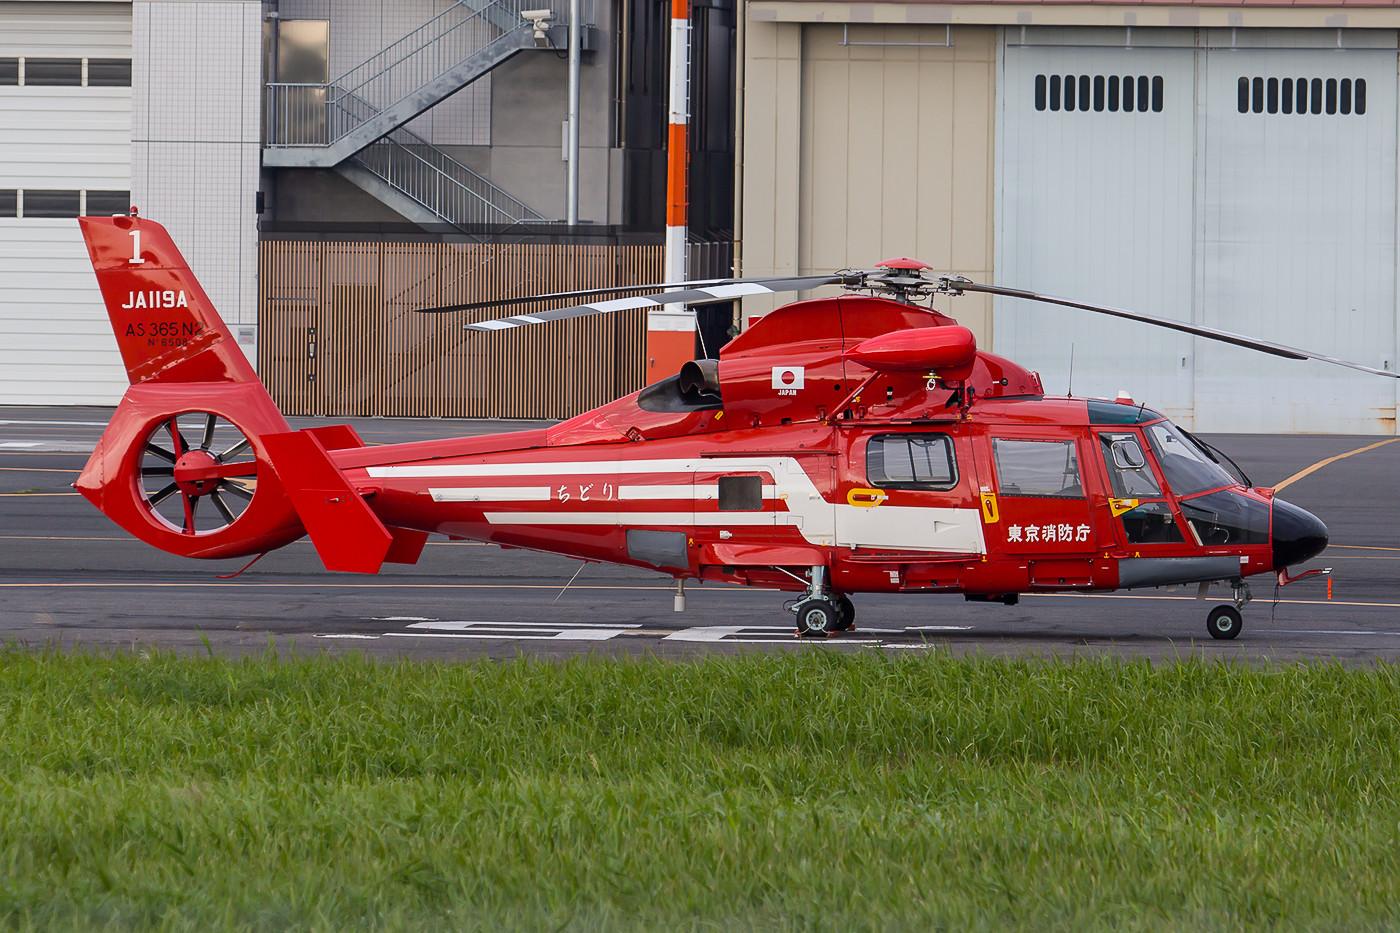 Die Feuerwehr von Tokyo benutzt neben dieser AS-365 N2 Dauphine II auch noch Super Pumas.